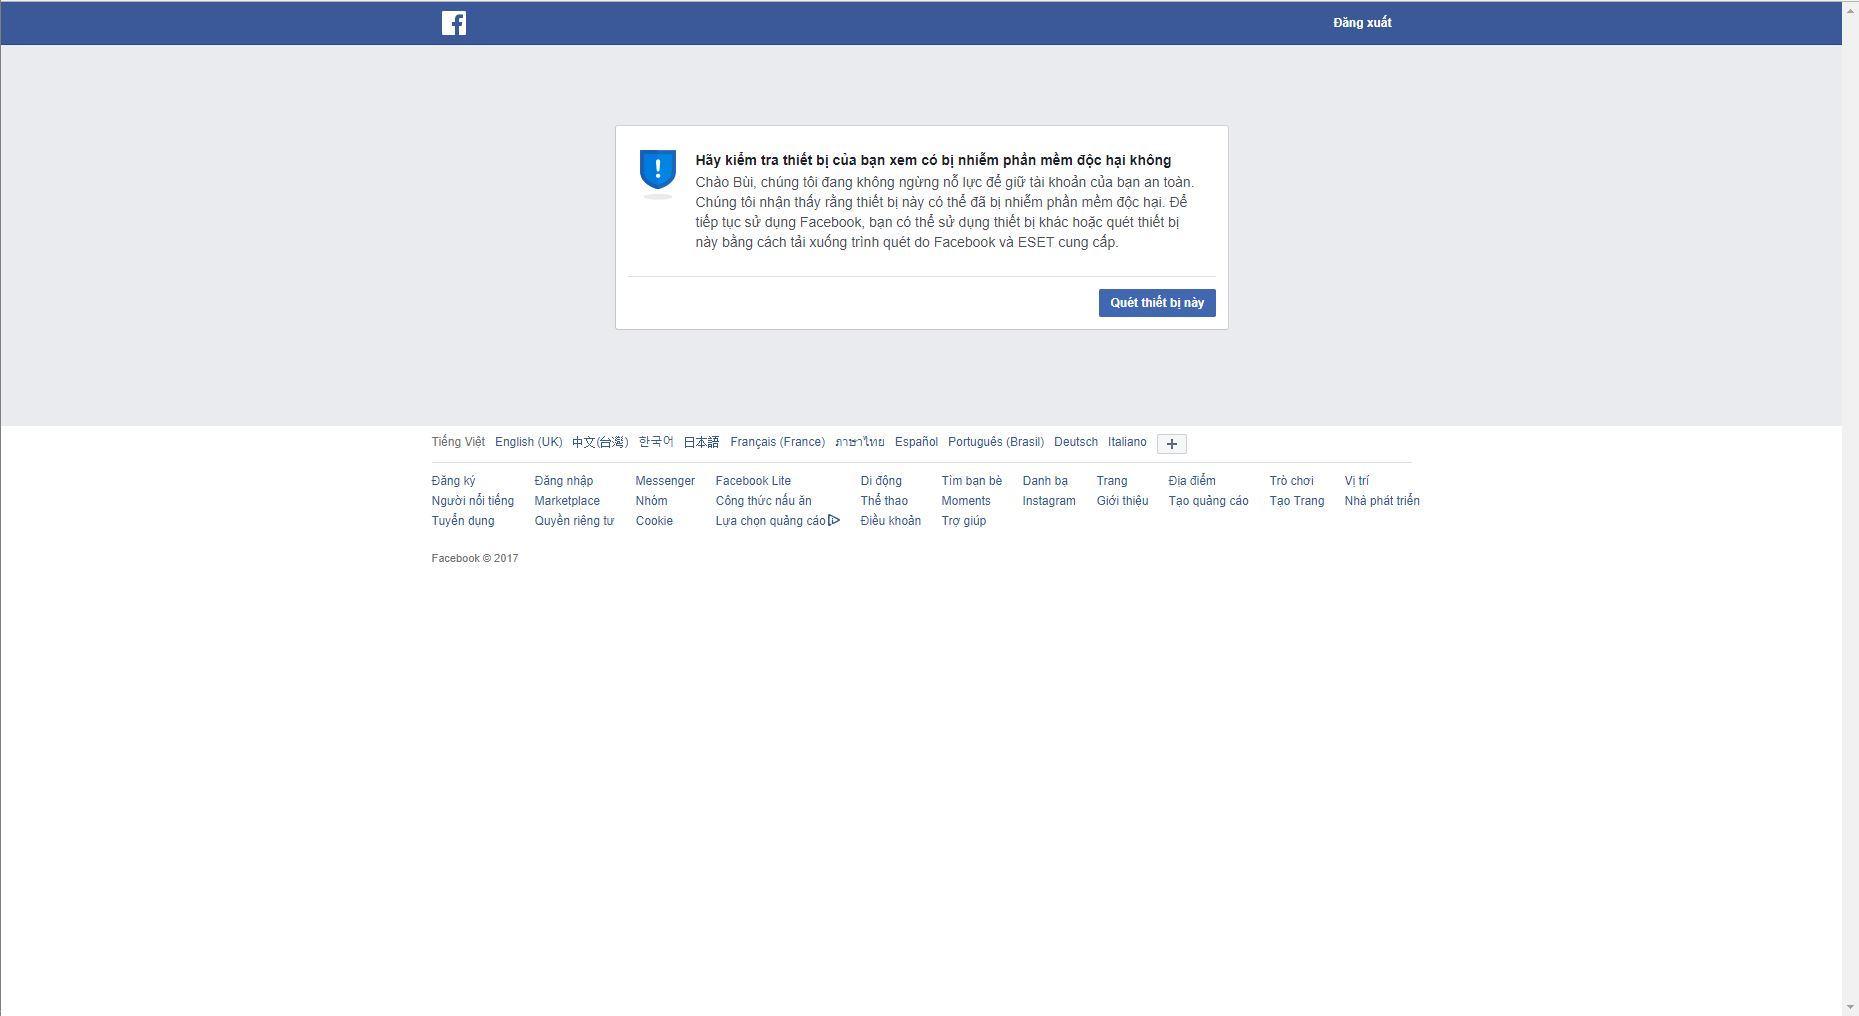 Vô hiệu hóa Facebook Malware Scanner - image 1-1 on https://atpsoftware.com.vn